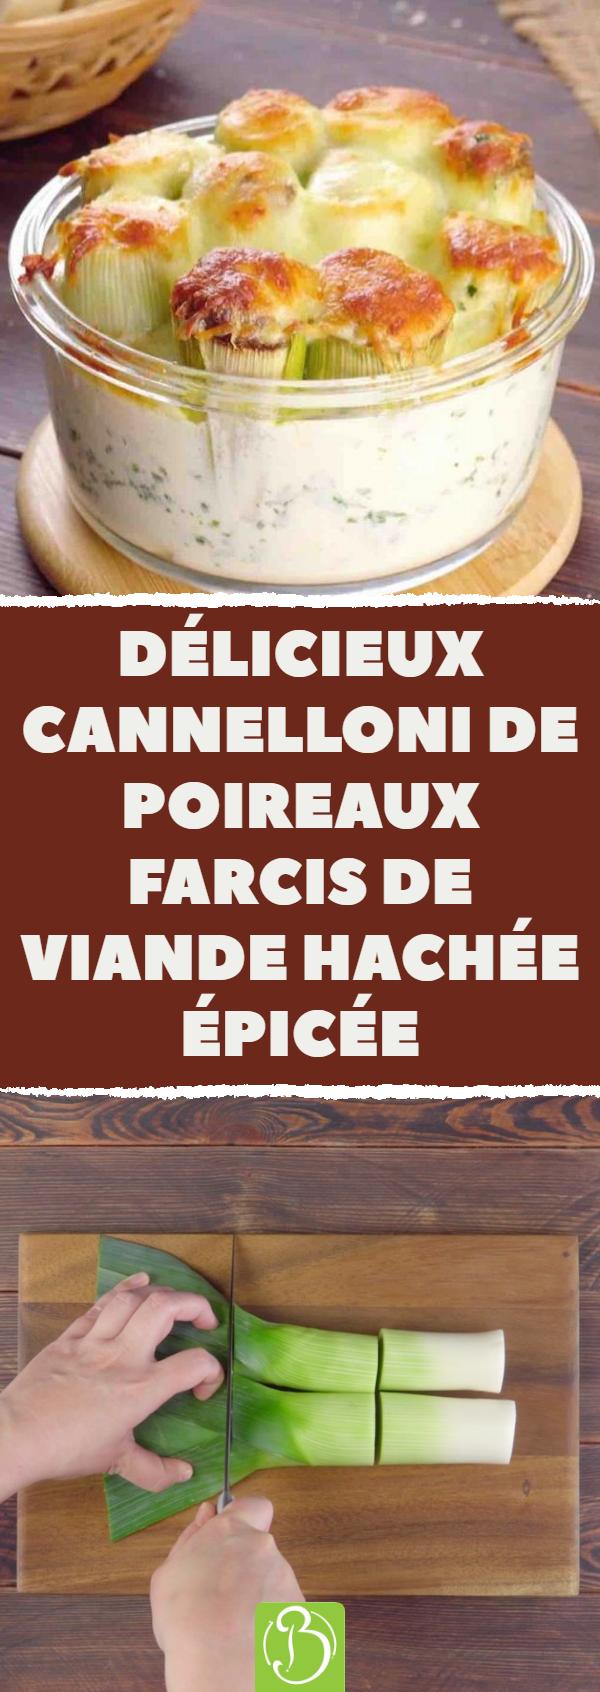 Délicieux cannelloni de poireaux farcis de viande hachée épicée ...